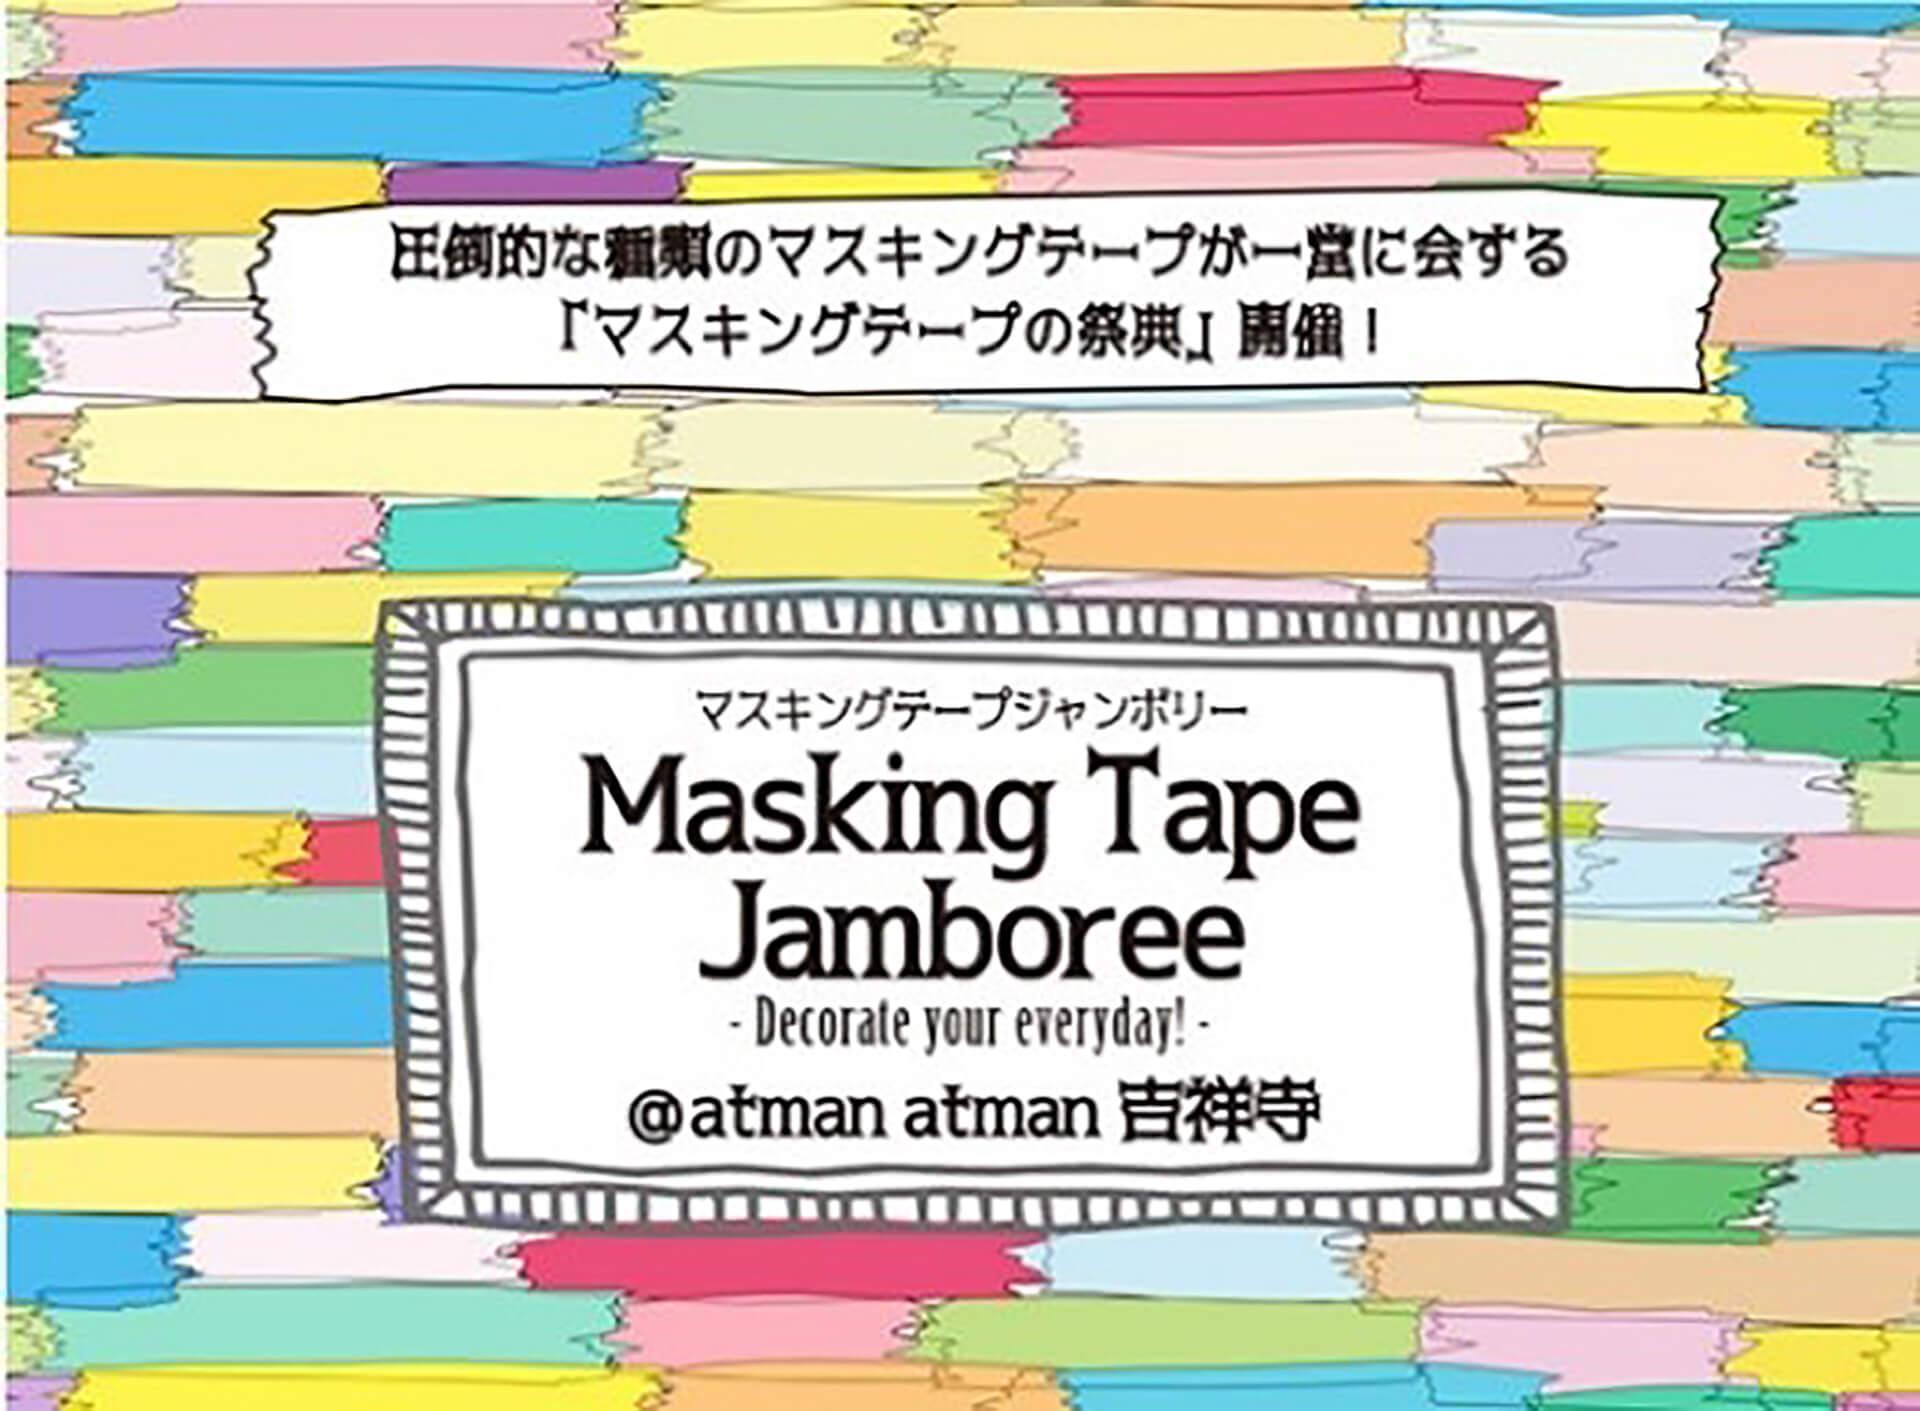 マスキングテープジャンボリーバナー